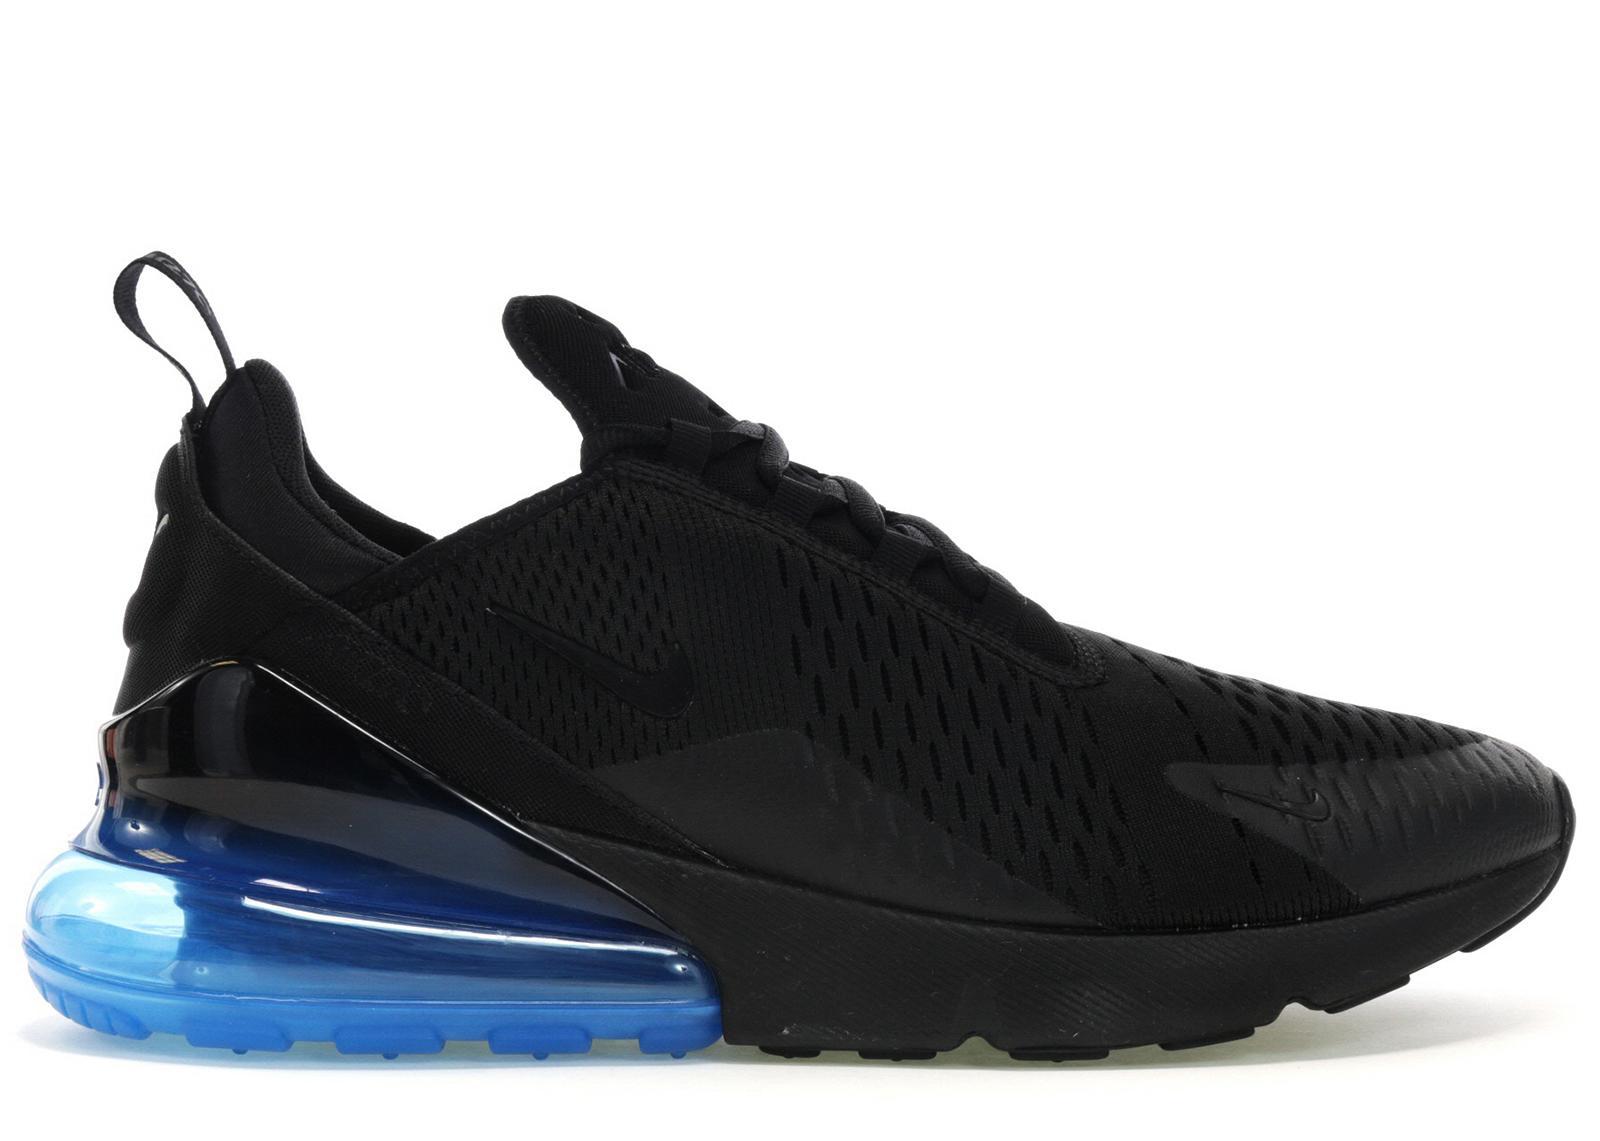 Nike Air Max 270 Black Photo Blue for